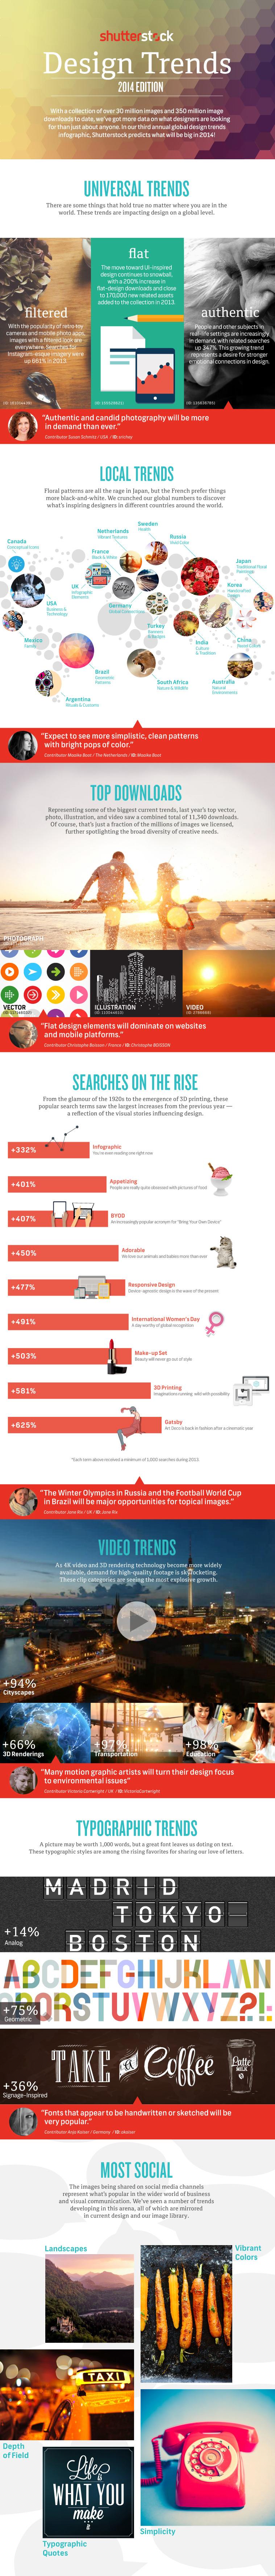 tendencias en diseño 2014